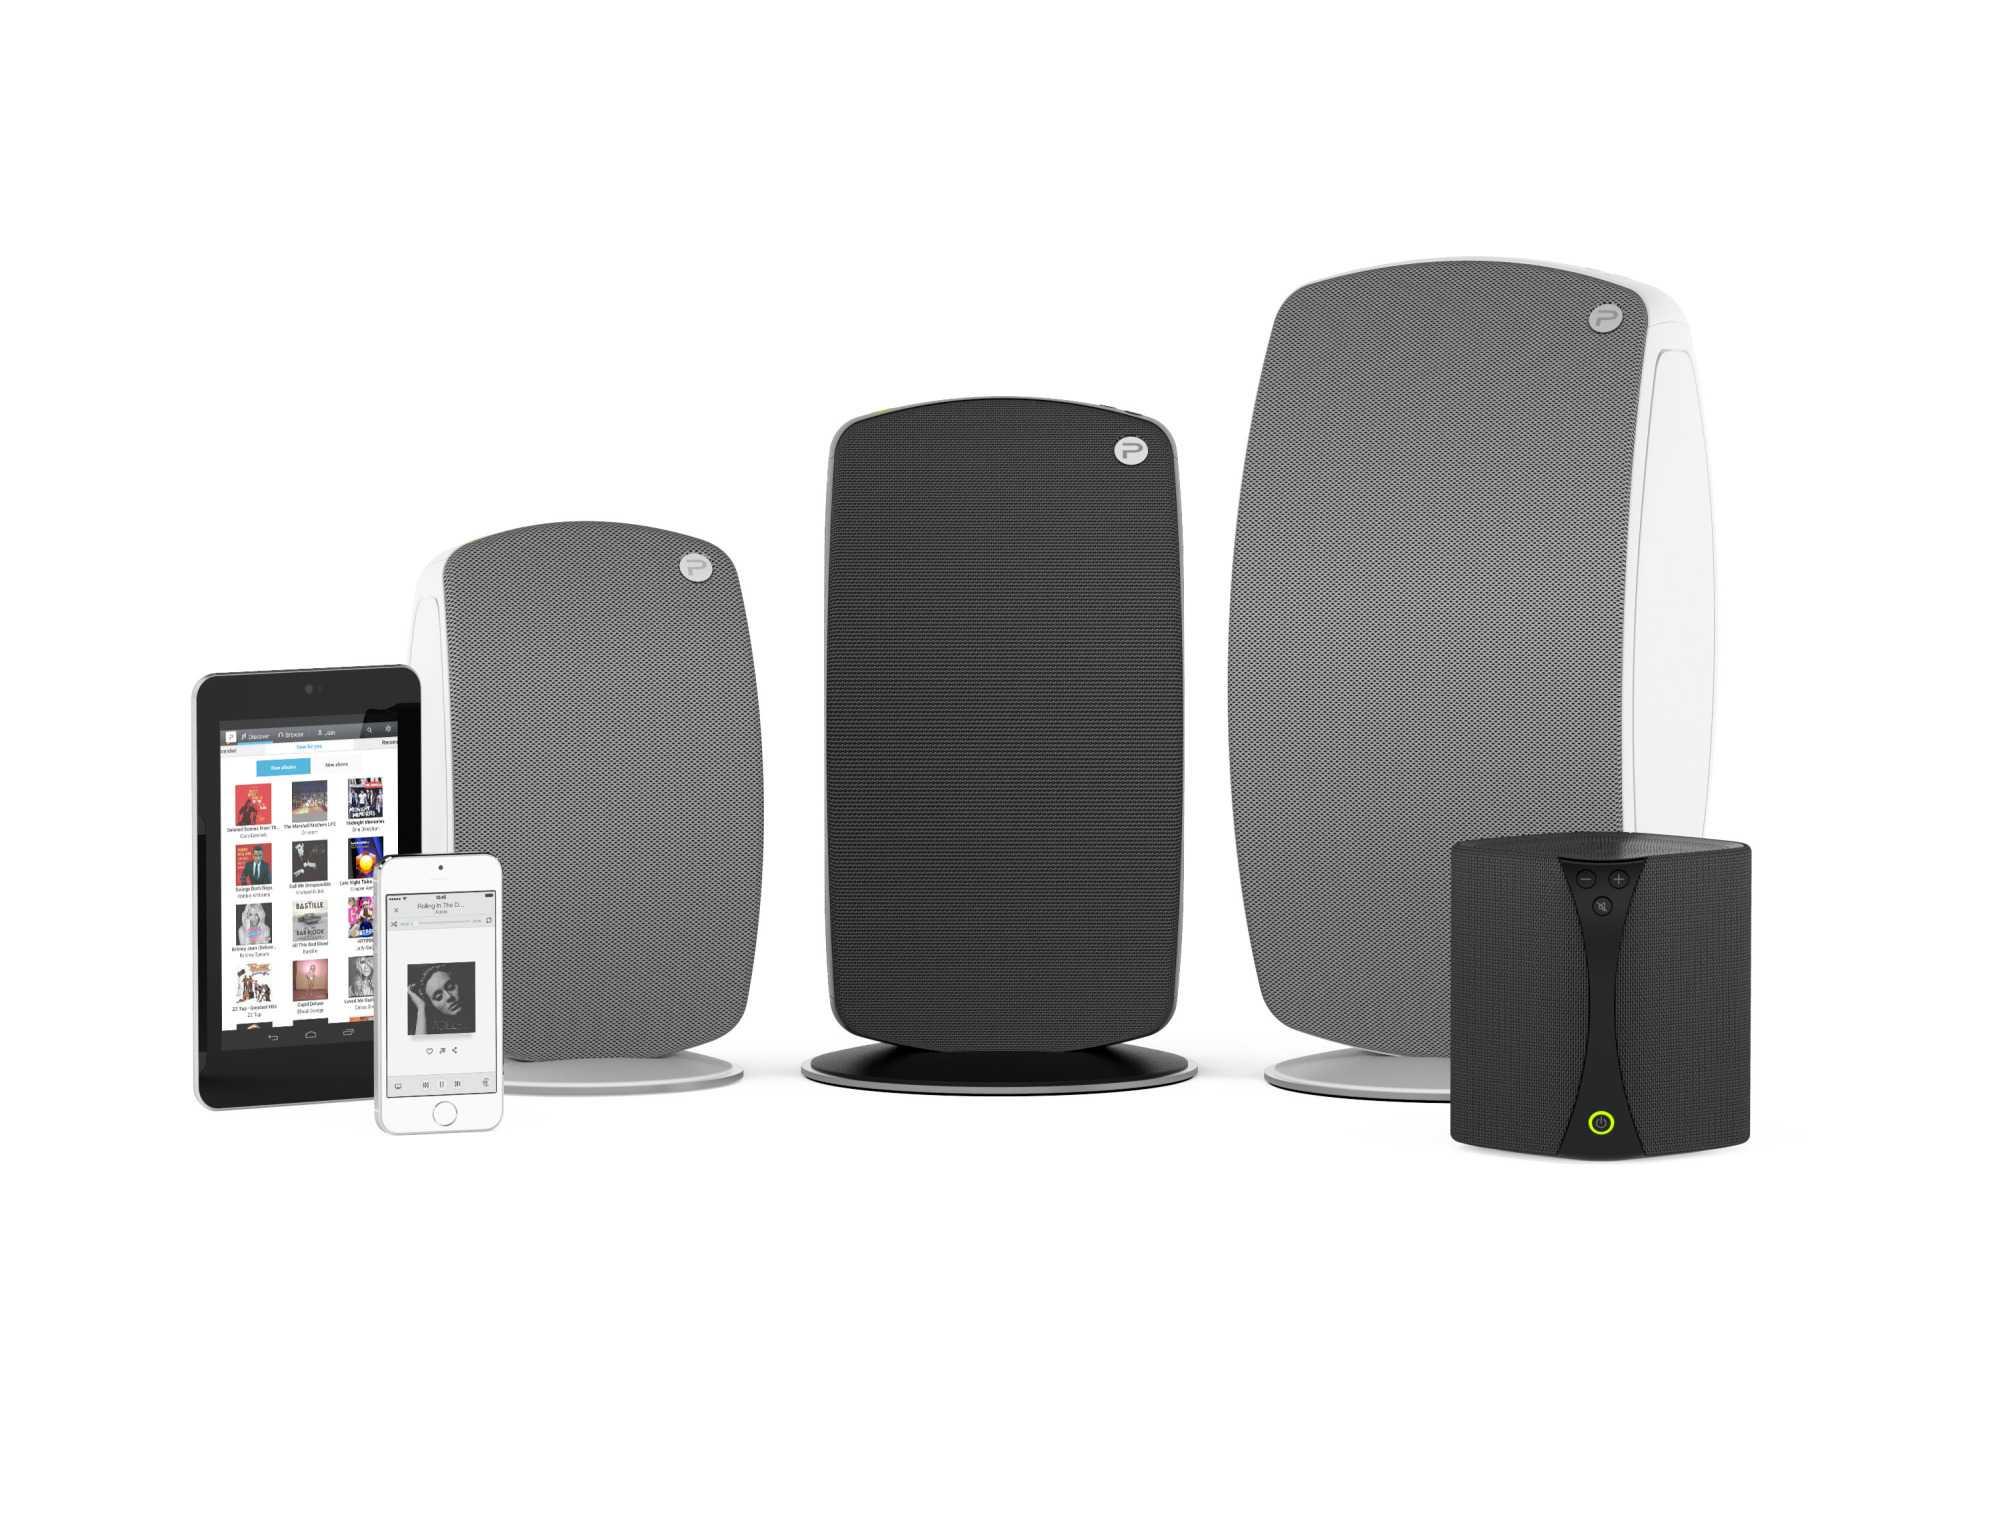 Pure hat seine Jongo-Serie optisch leicht aufgepeppt und will mit neuer Firmware für besseren Sound sorgen. Unter der Haube bleibt alles gleich.